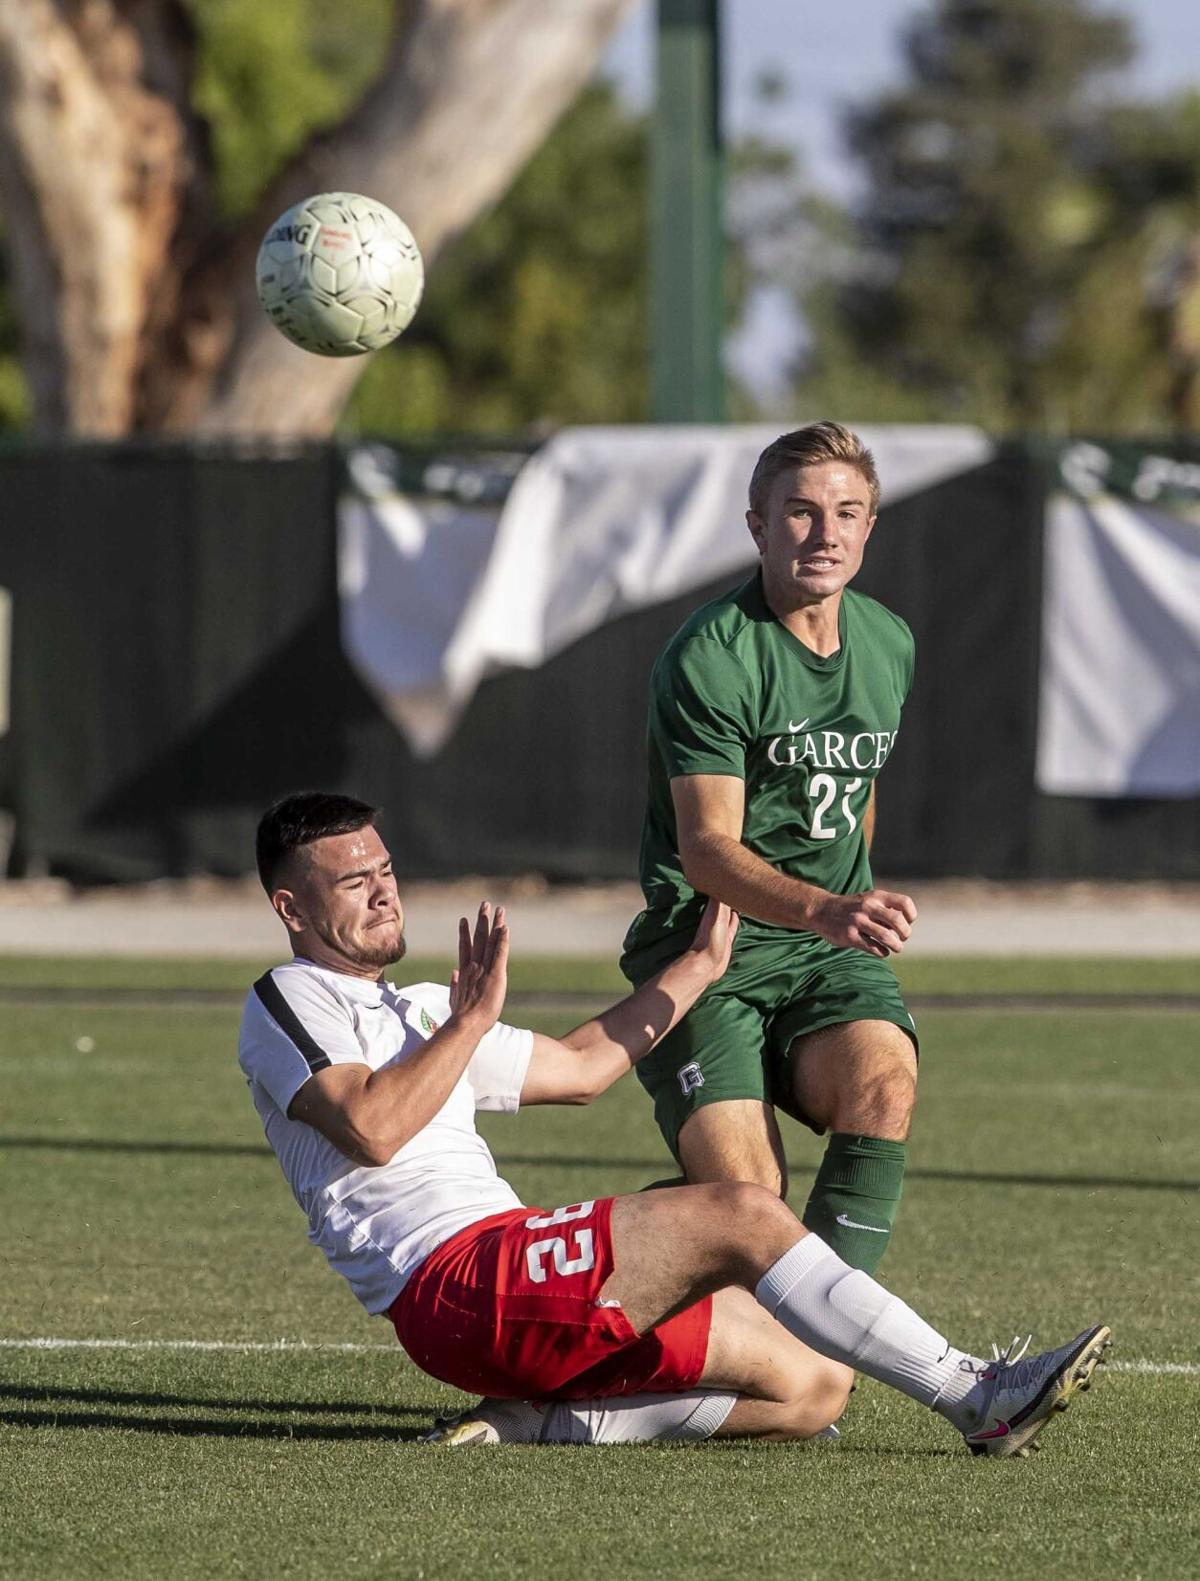 Lindsay vs Garces Boys Soccer05